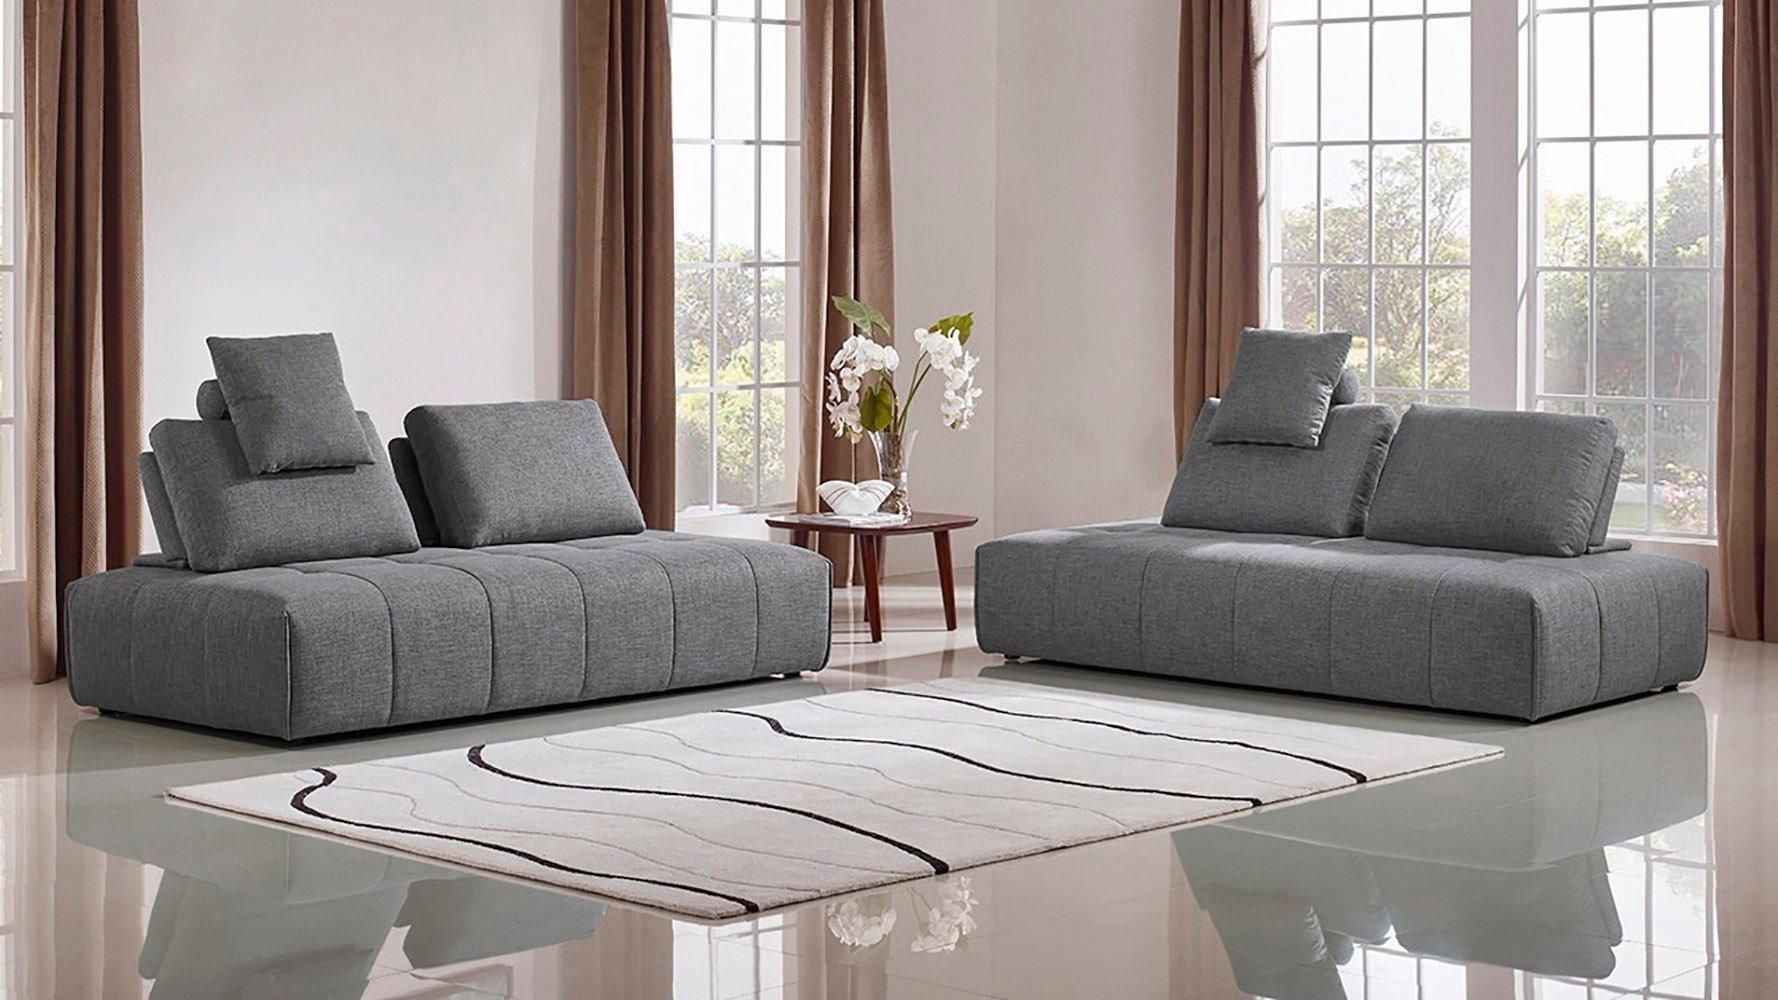 Living Room Furniture : Living Room Furniture Sets | Zuri Furniture